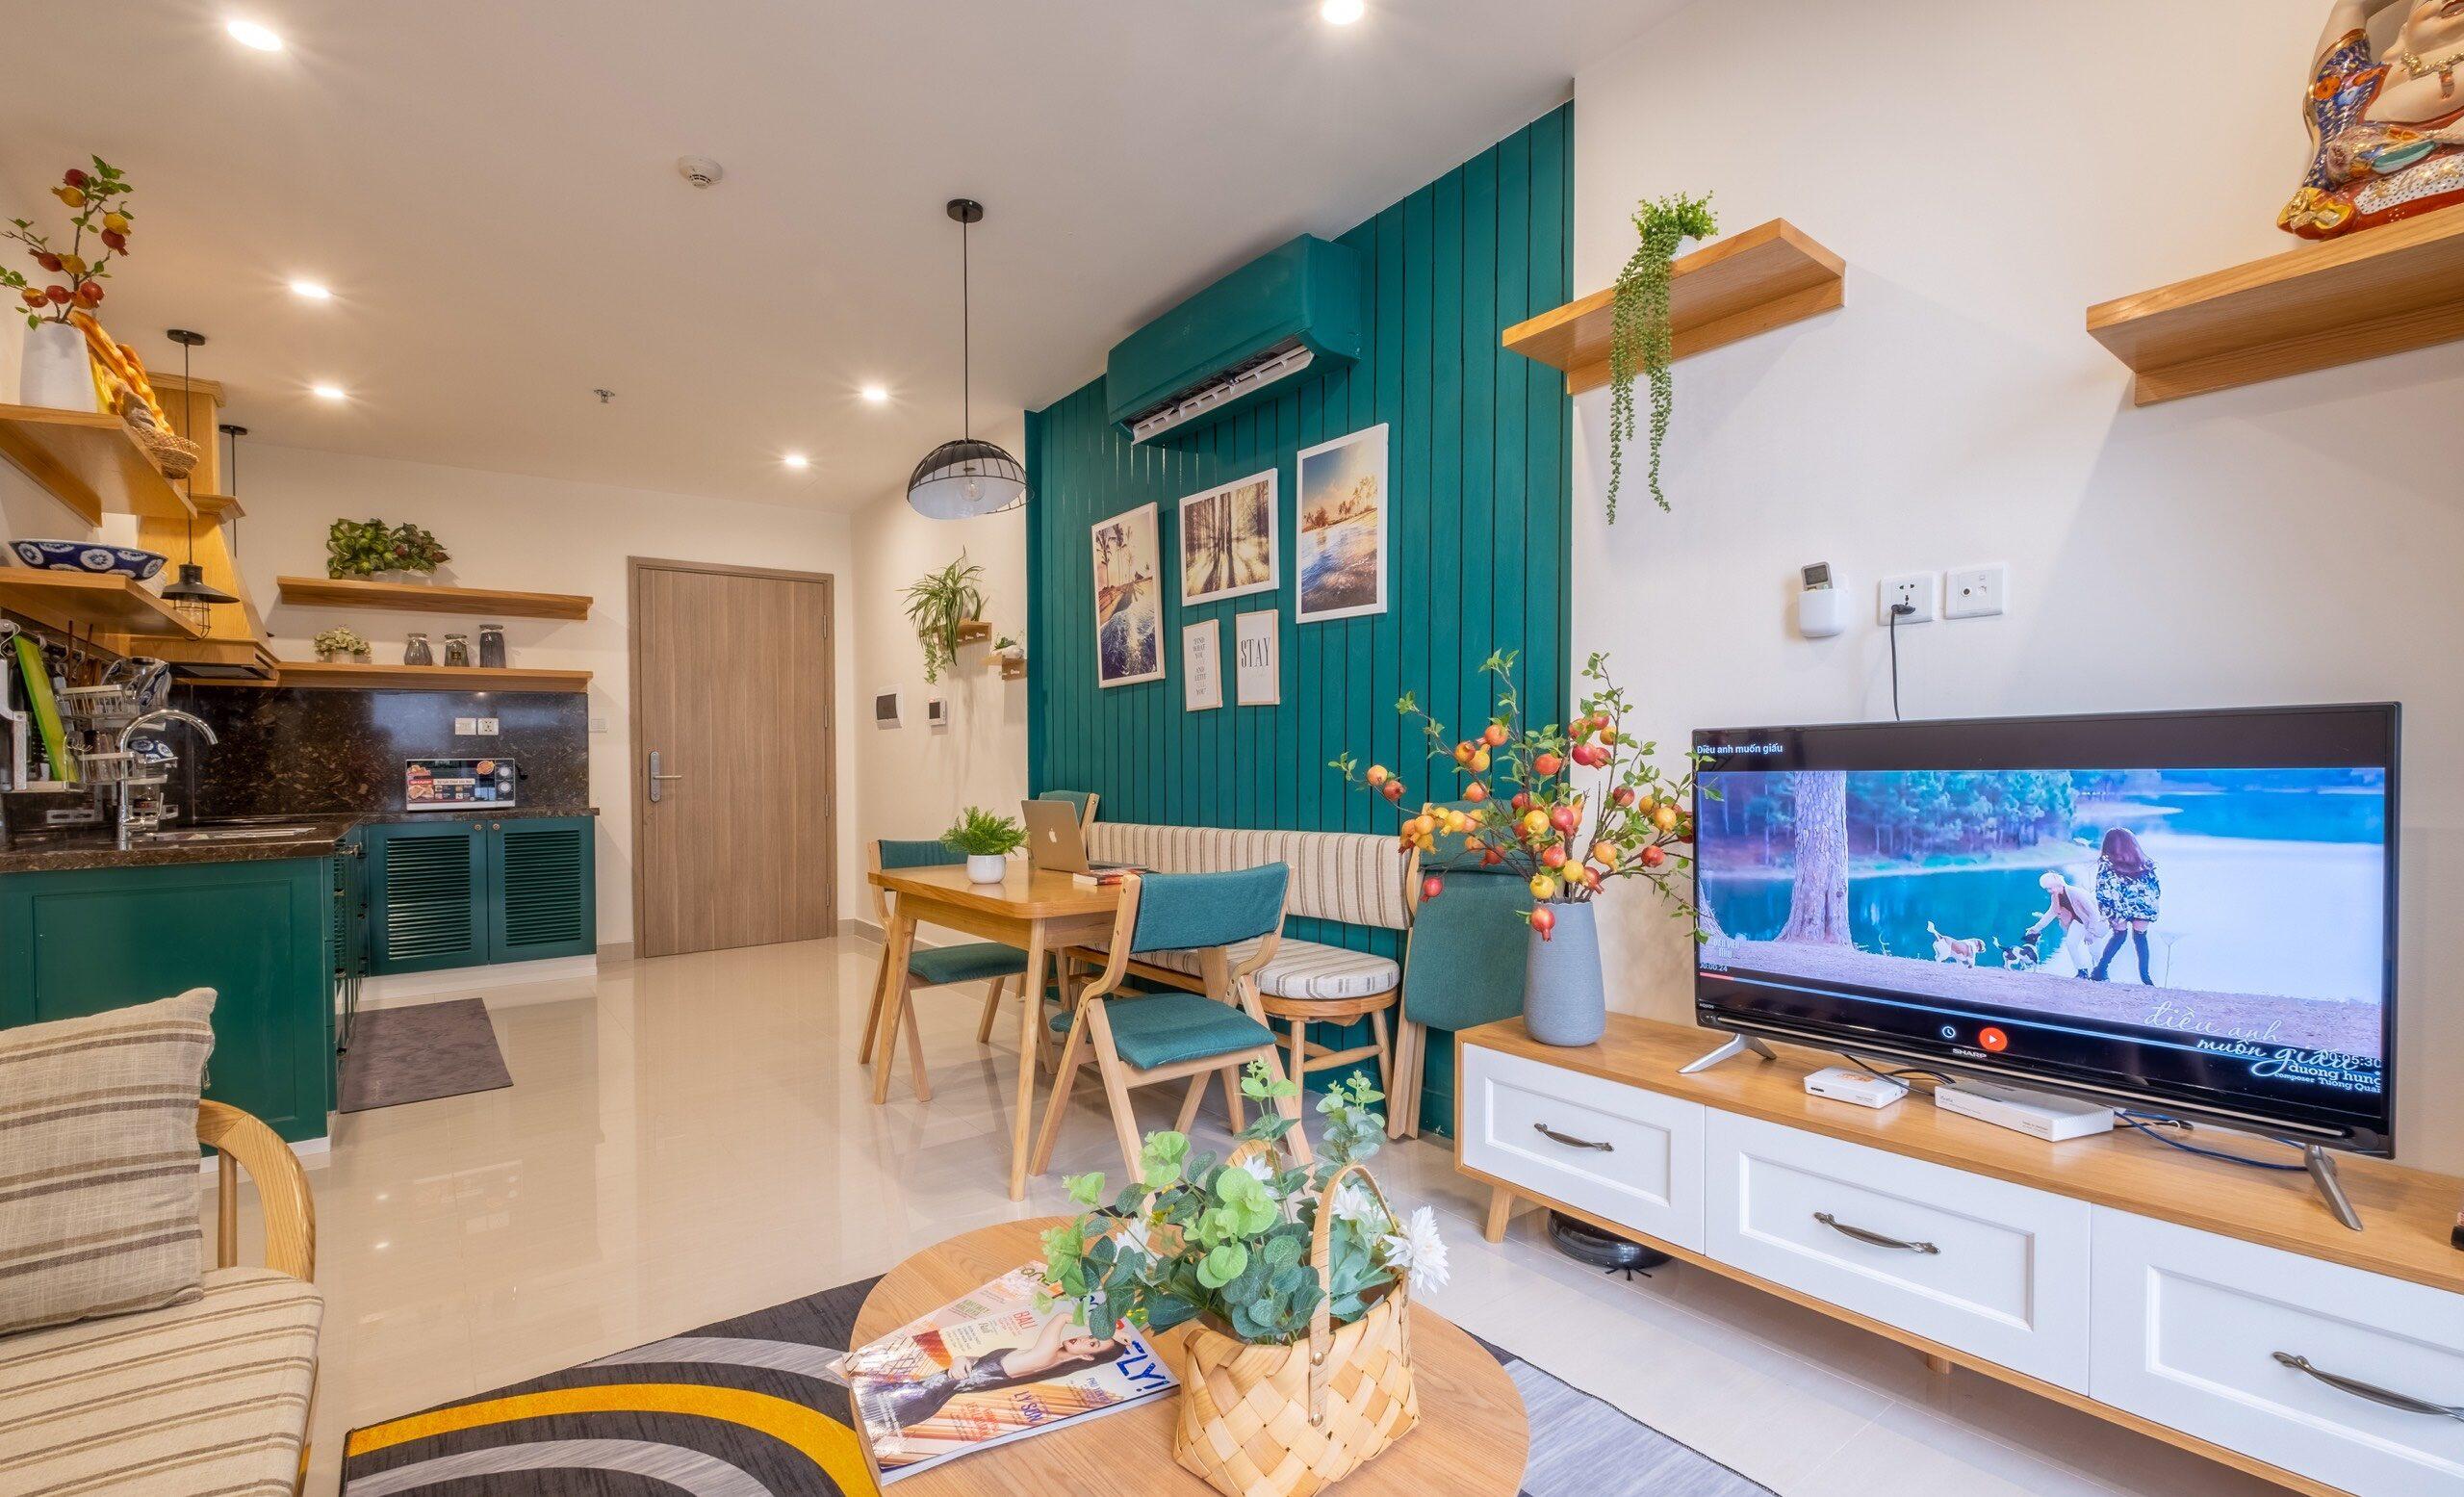 thiết kế nội thất ngôi nhà kết hợp với cây cảnh trang trí